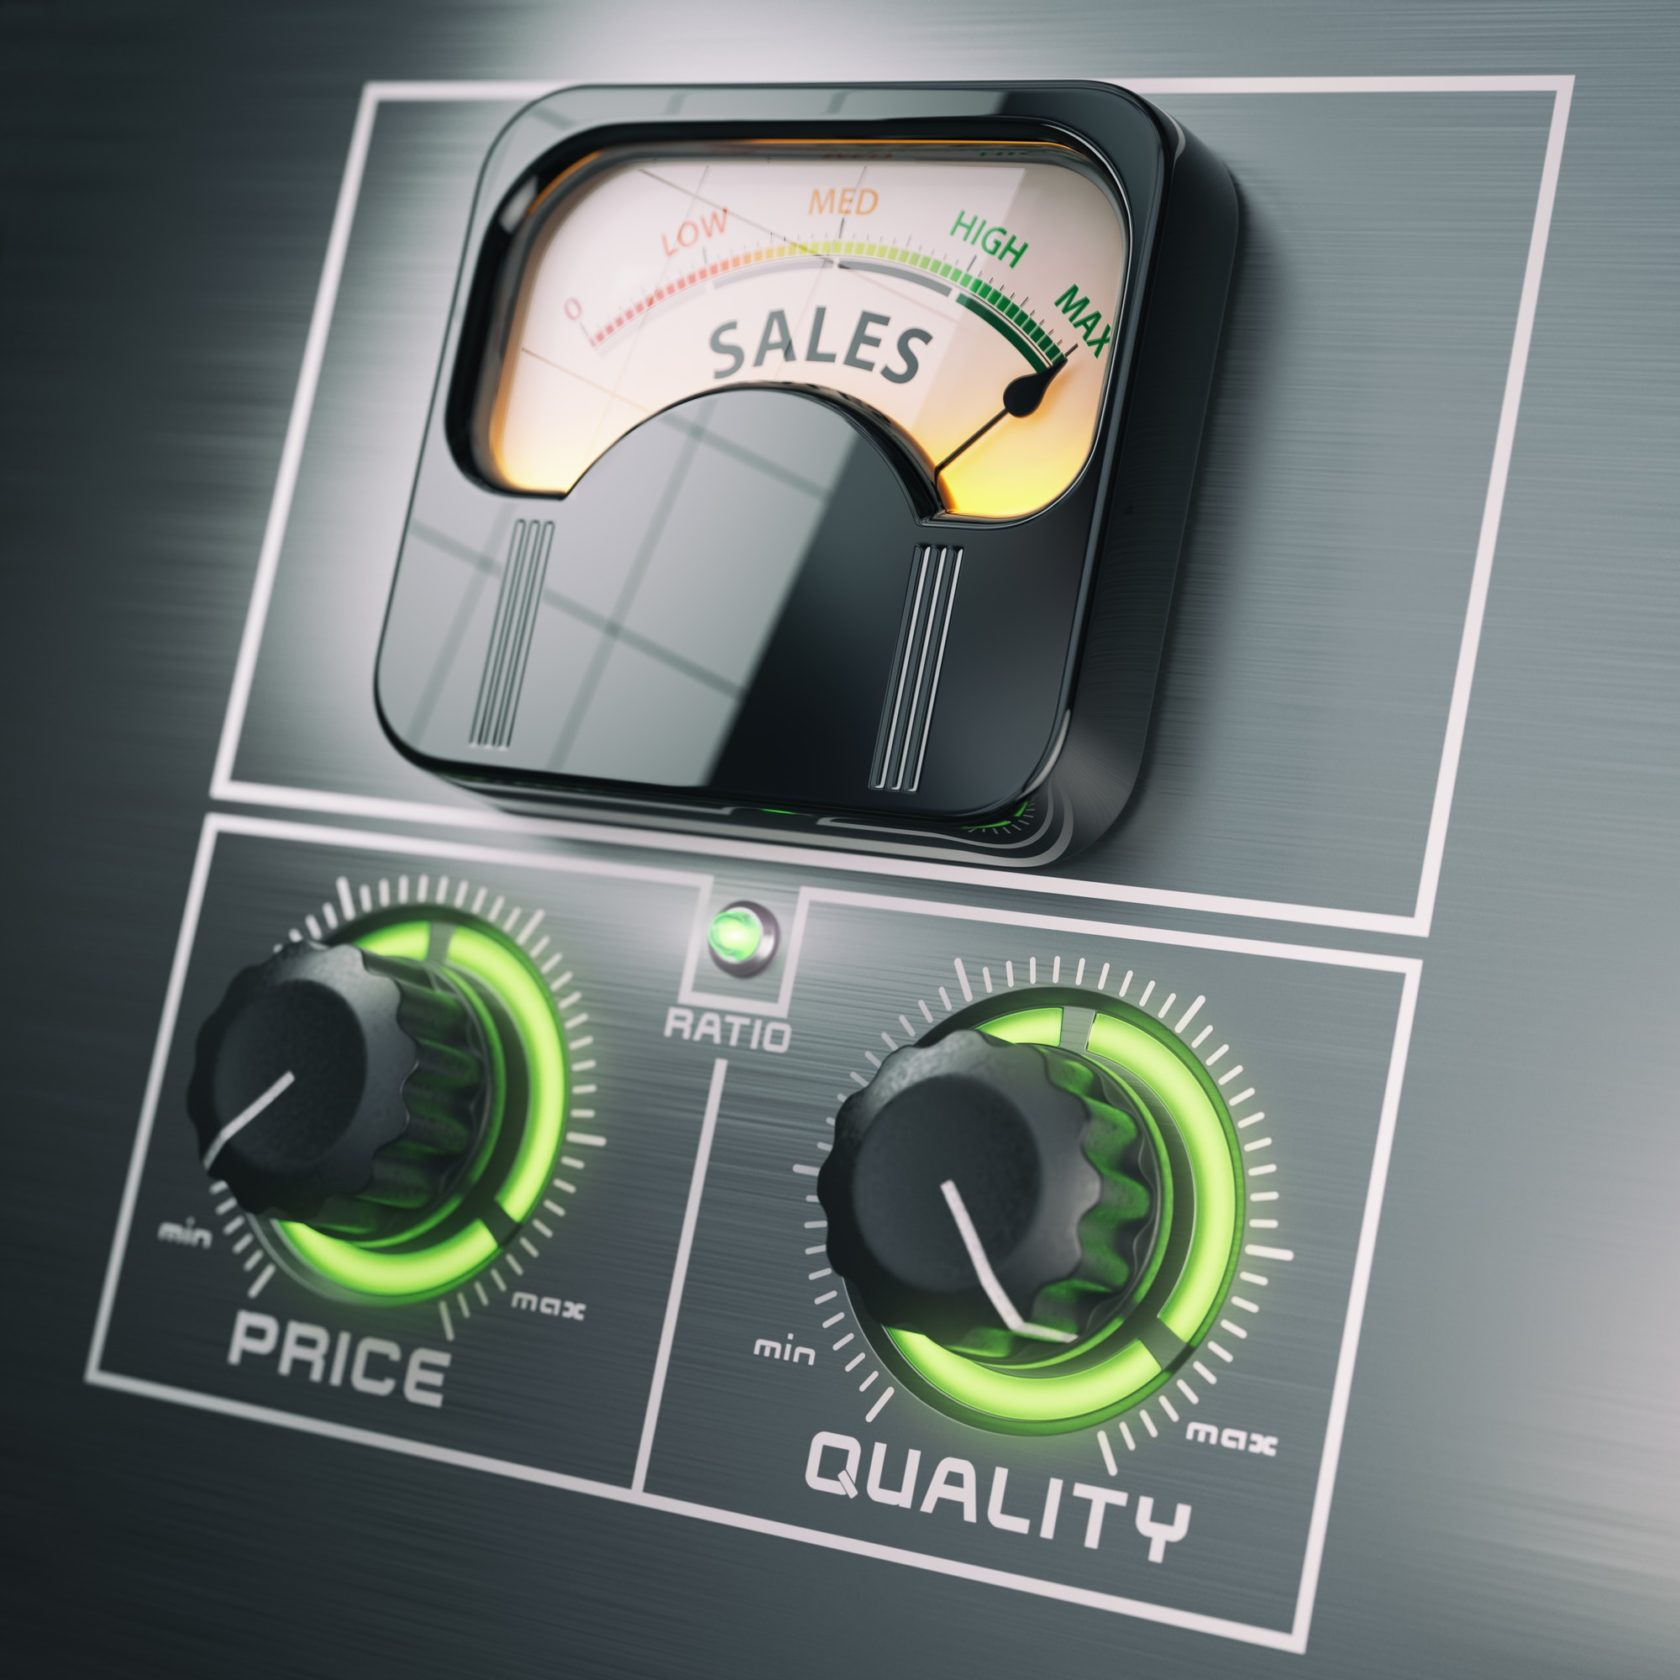 Sales price quality ratio control marketing concept. Maximum sal